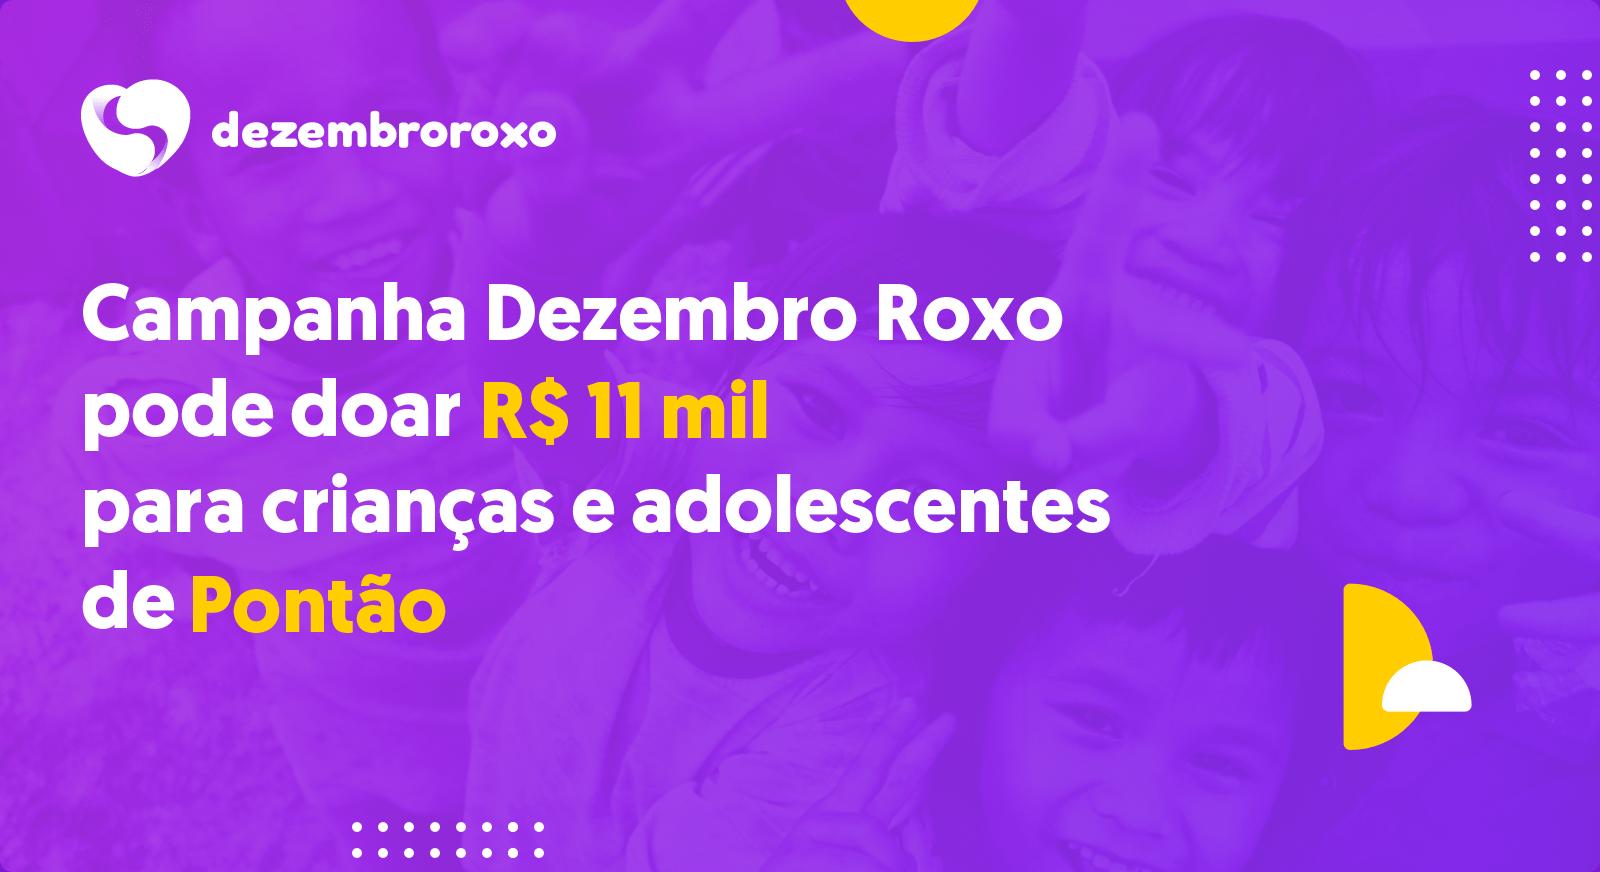 Doações em Pontão - RS